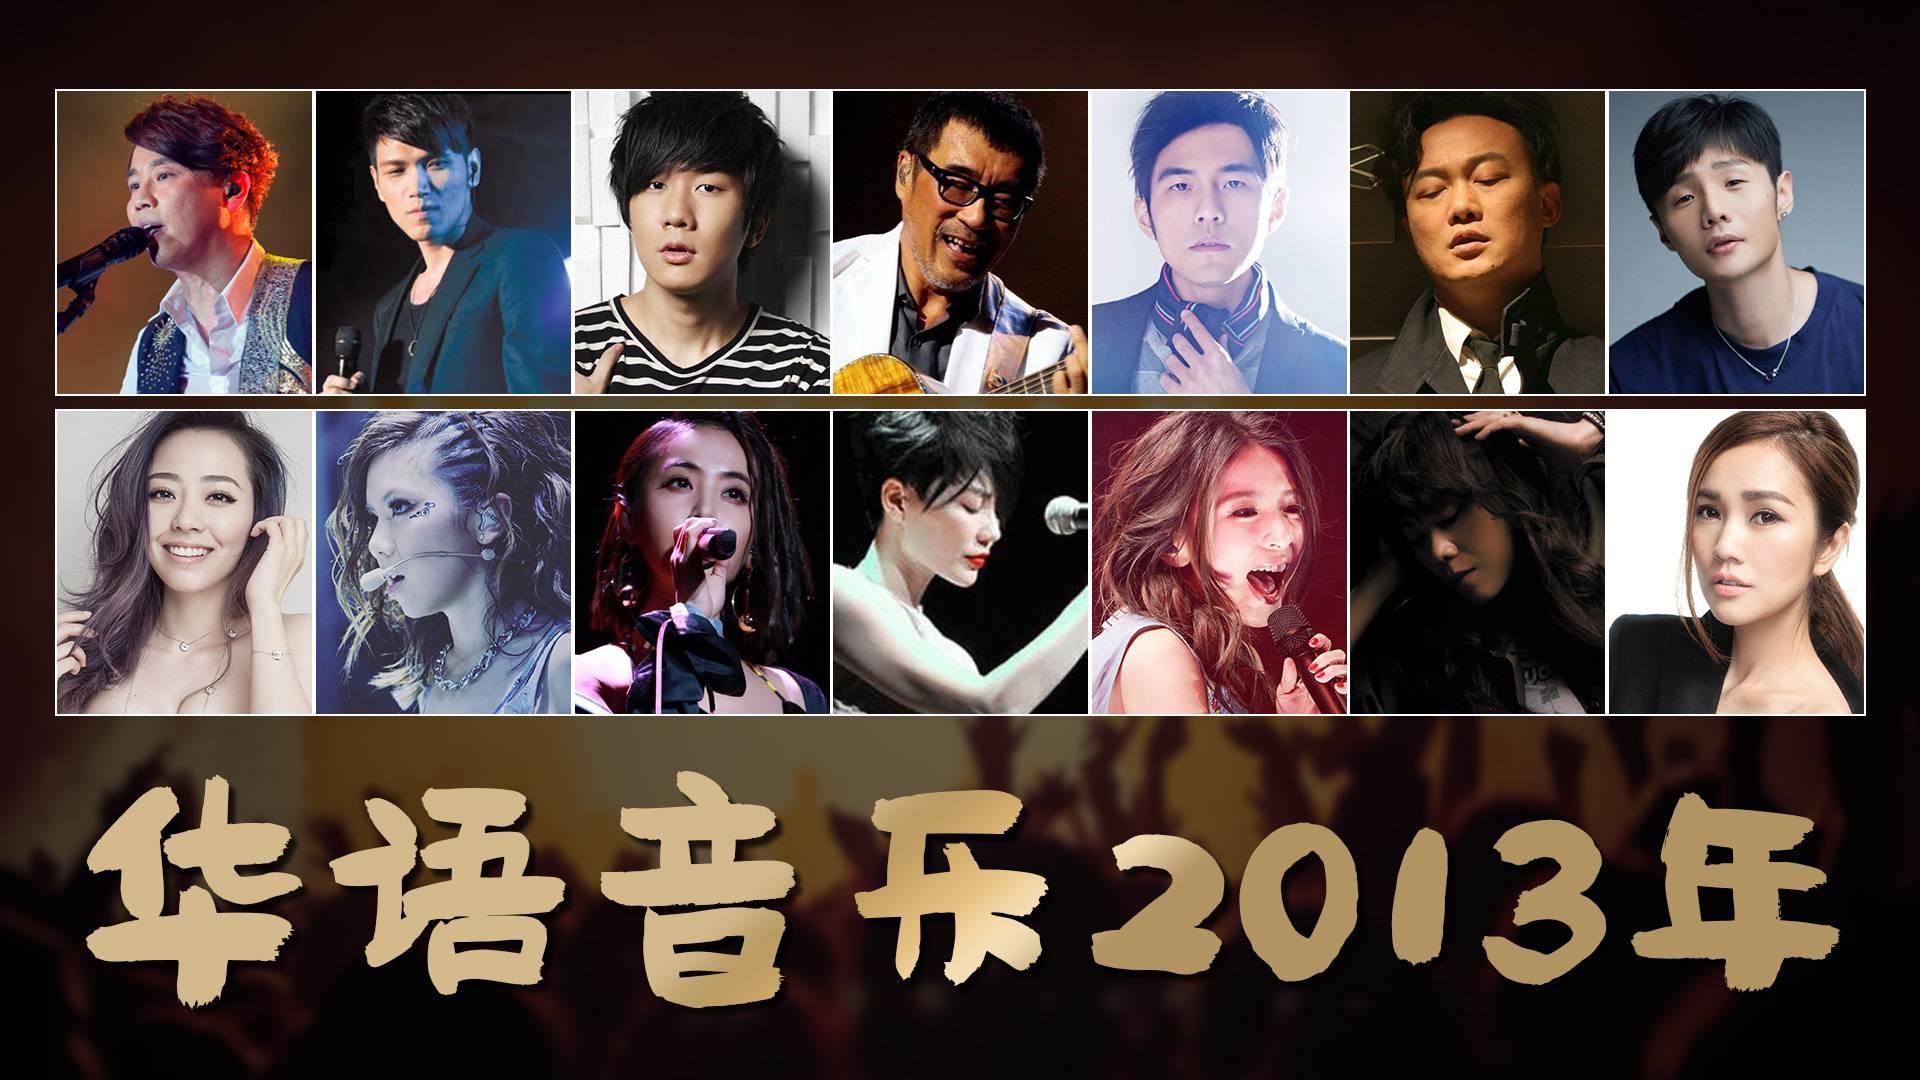 华语音乐2013年,有几首歌还是很能打的!